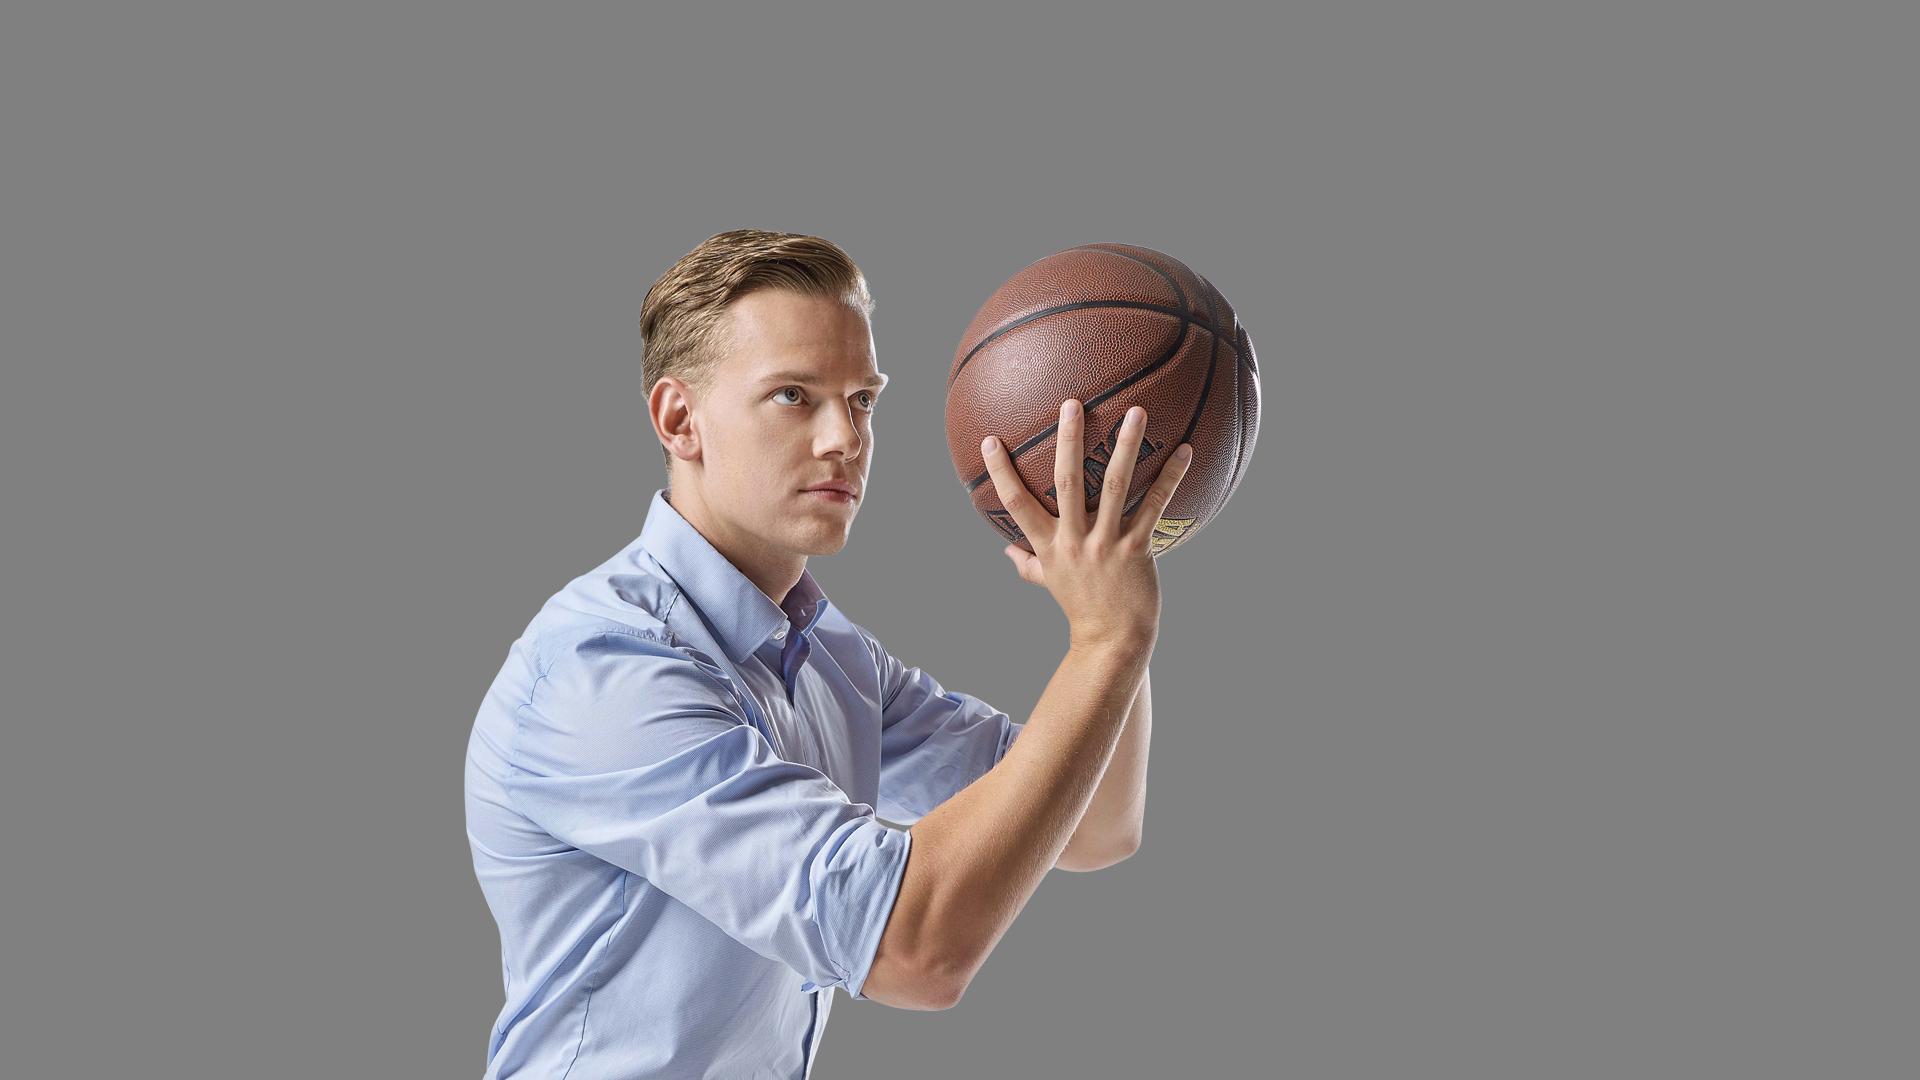 Mitarbeiter Jan wirft Basketball